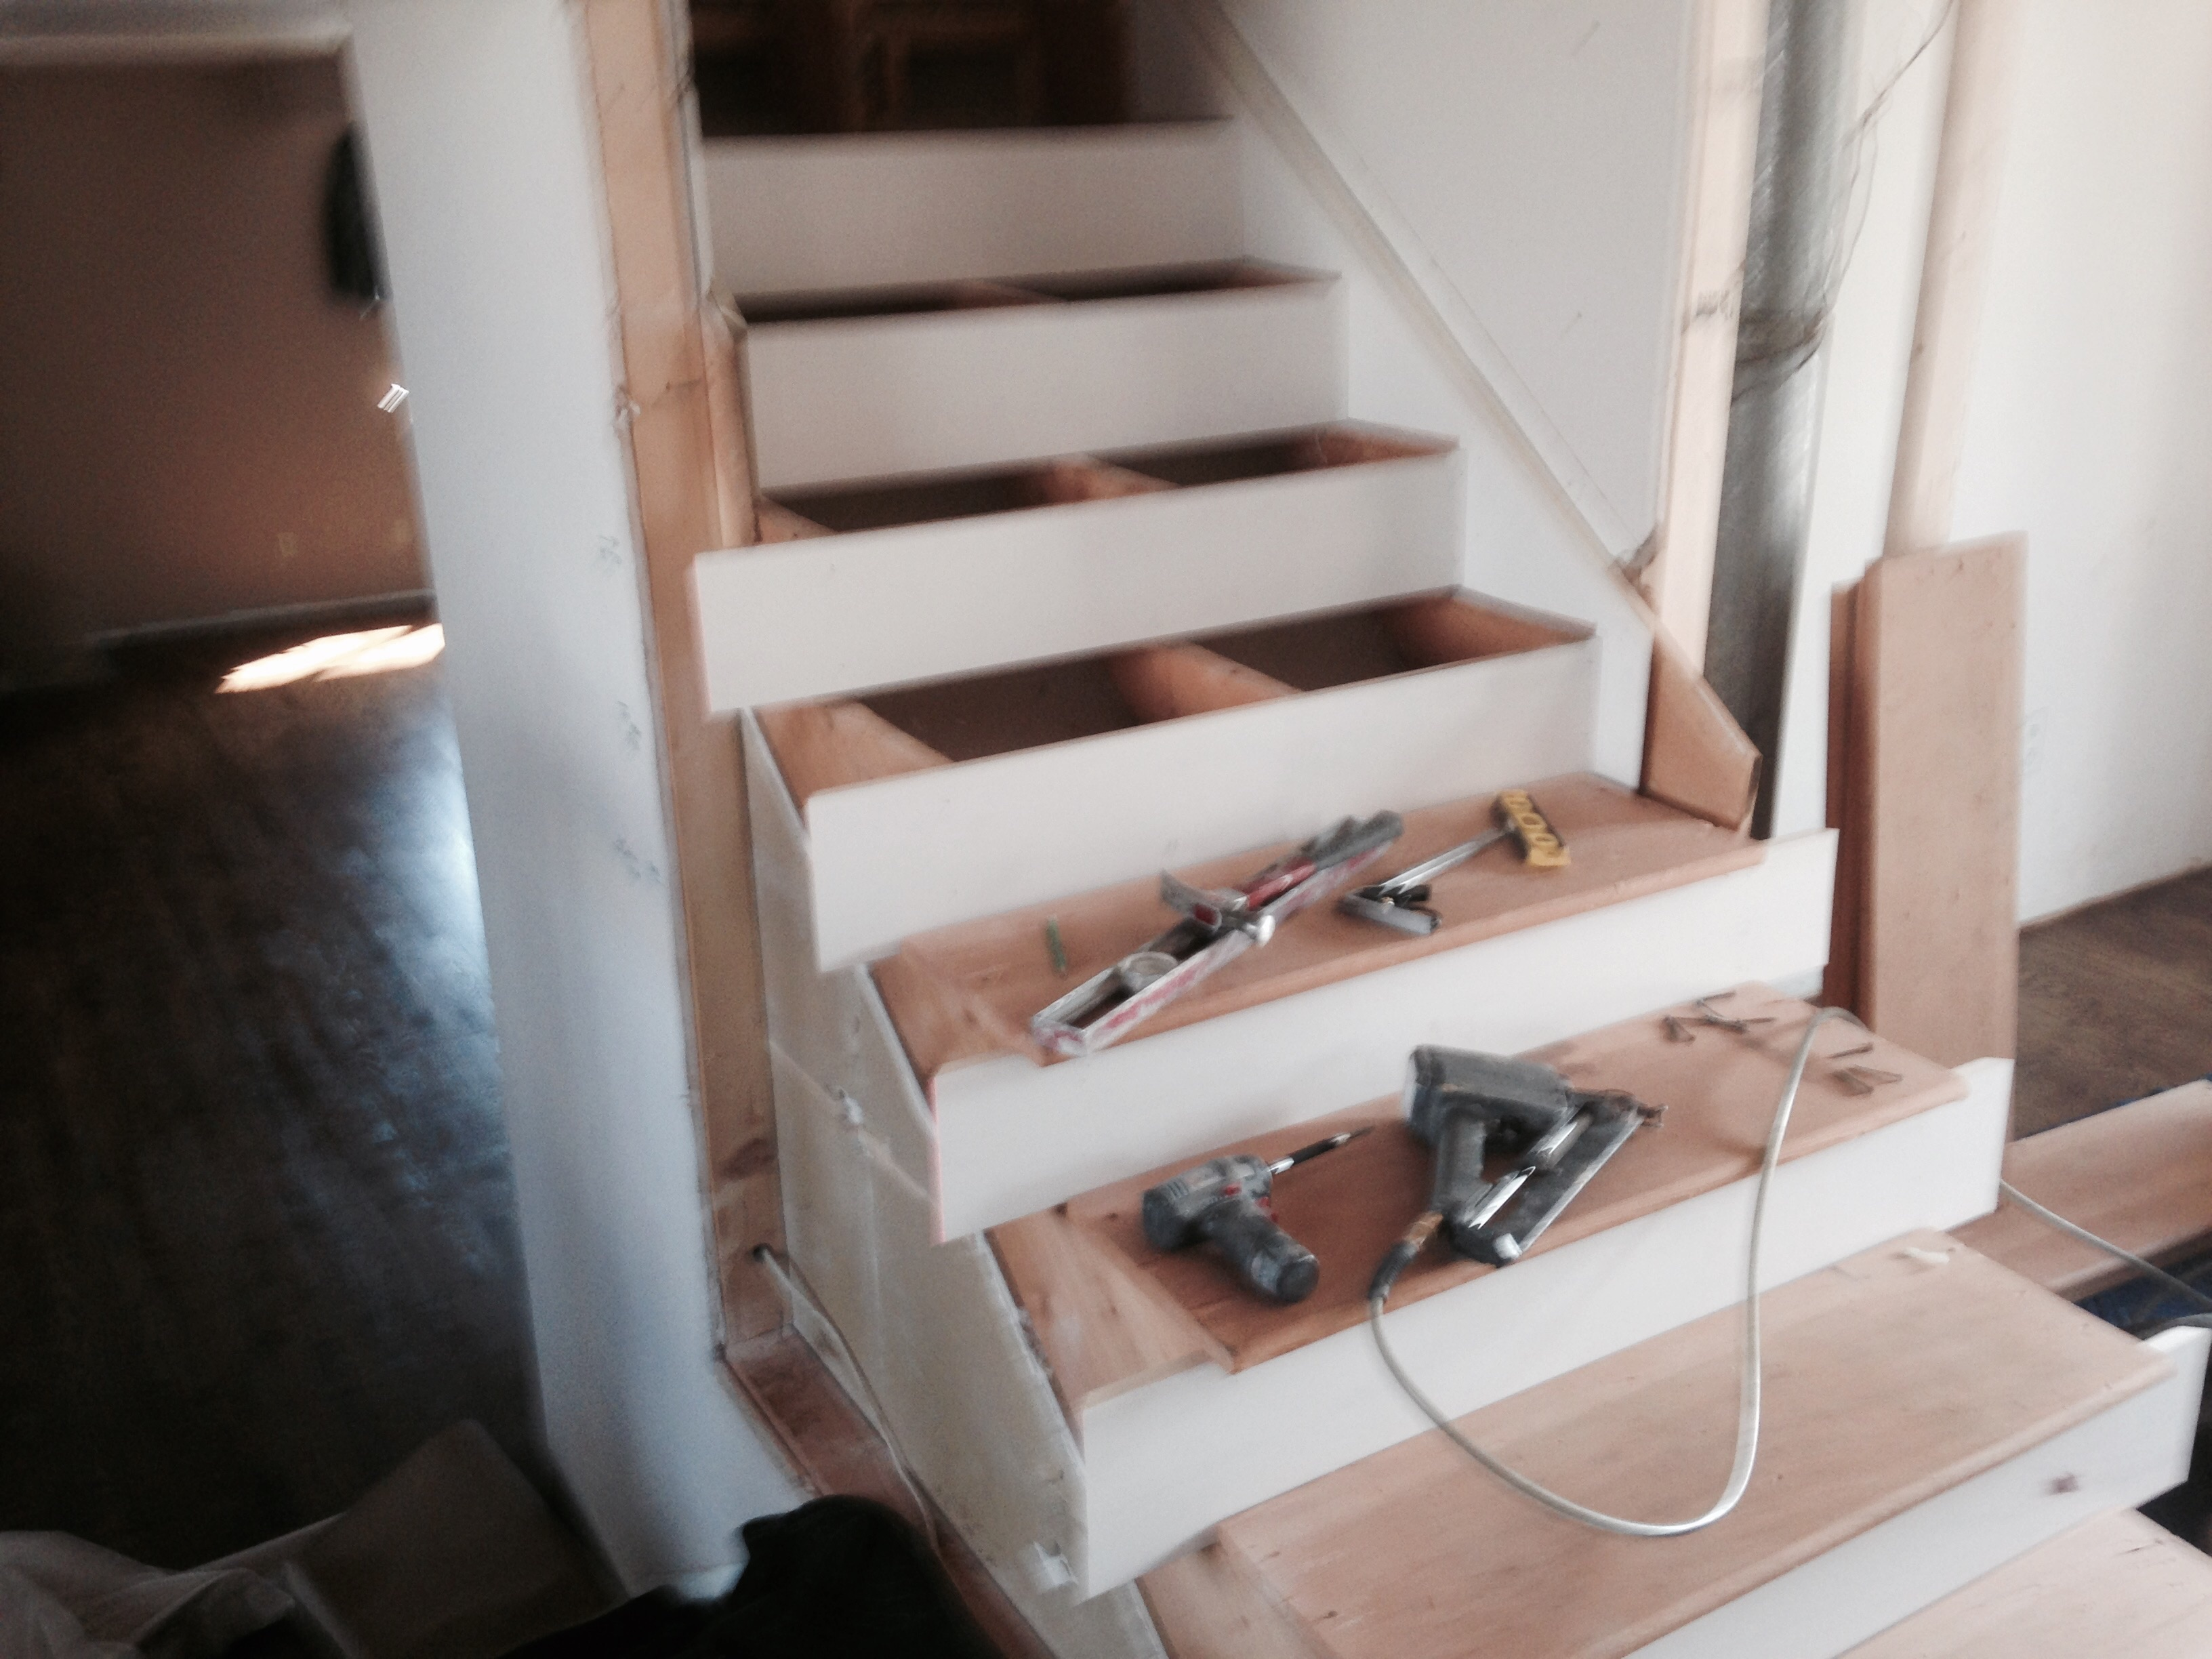 Stair skirtboard - Stair Building